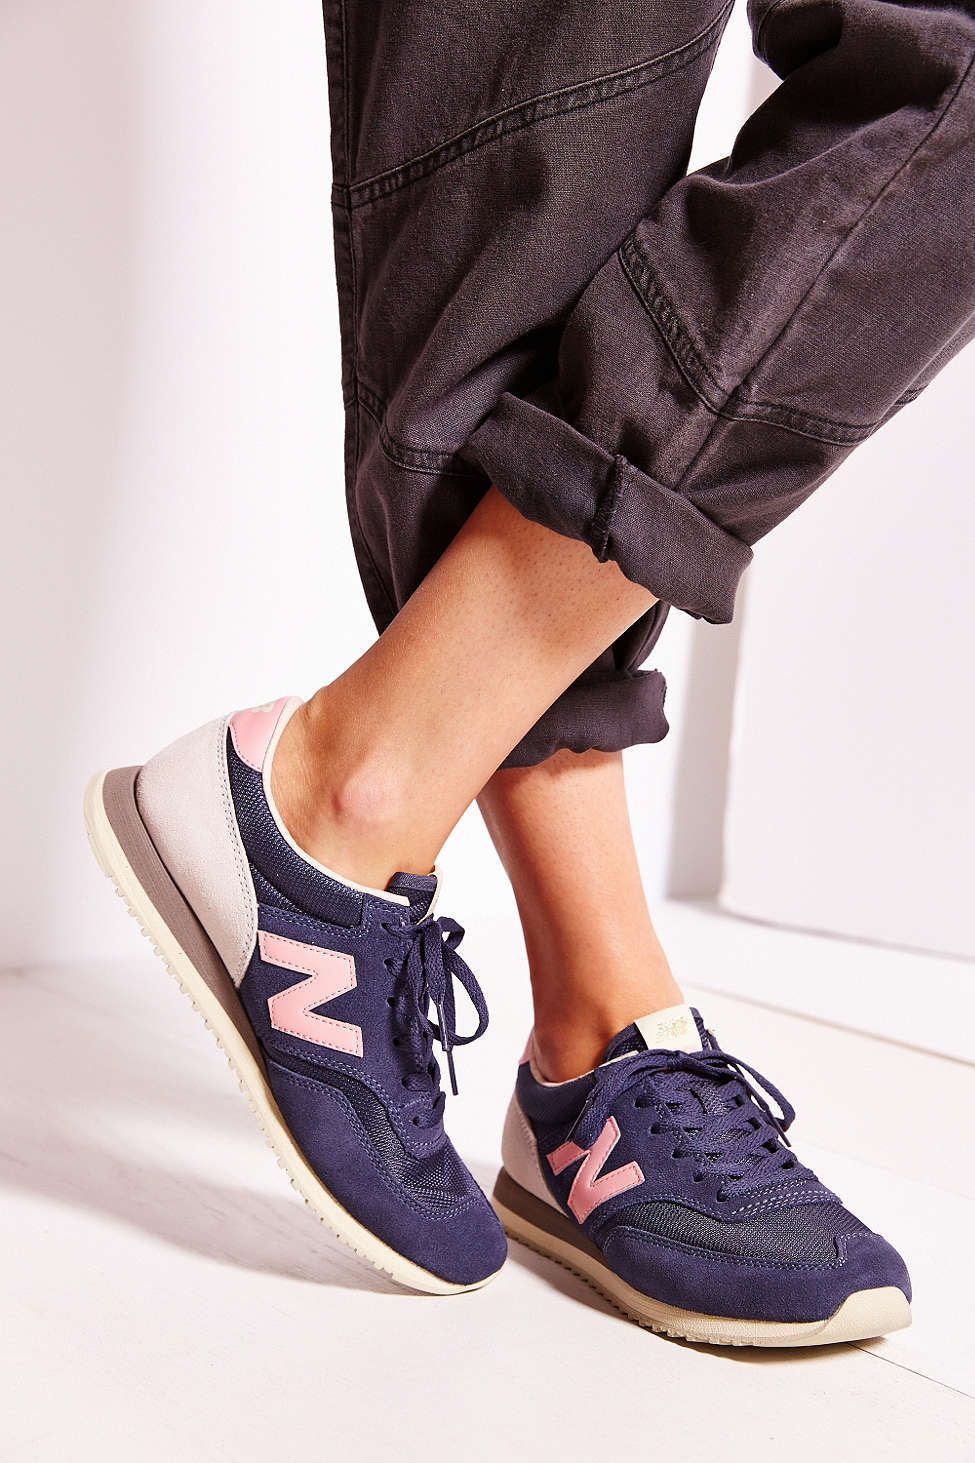 New Balance 620 Classics 70s Runner Sneaker - Urban Outfitters ... 0deef68c1a5d